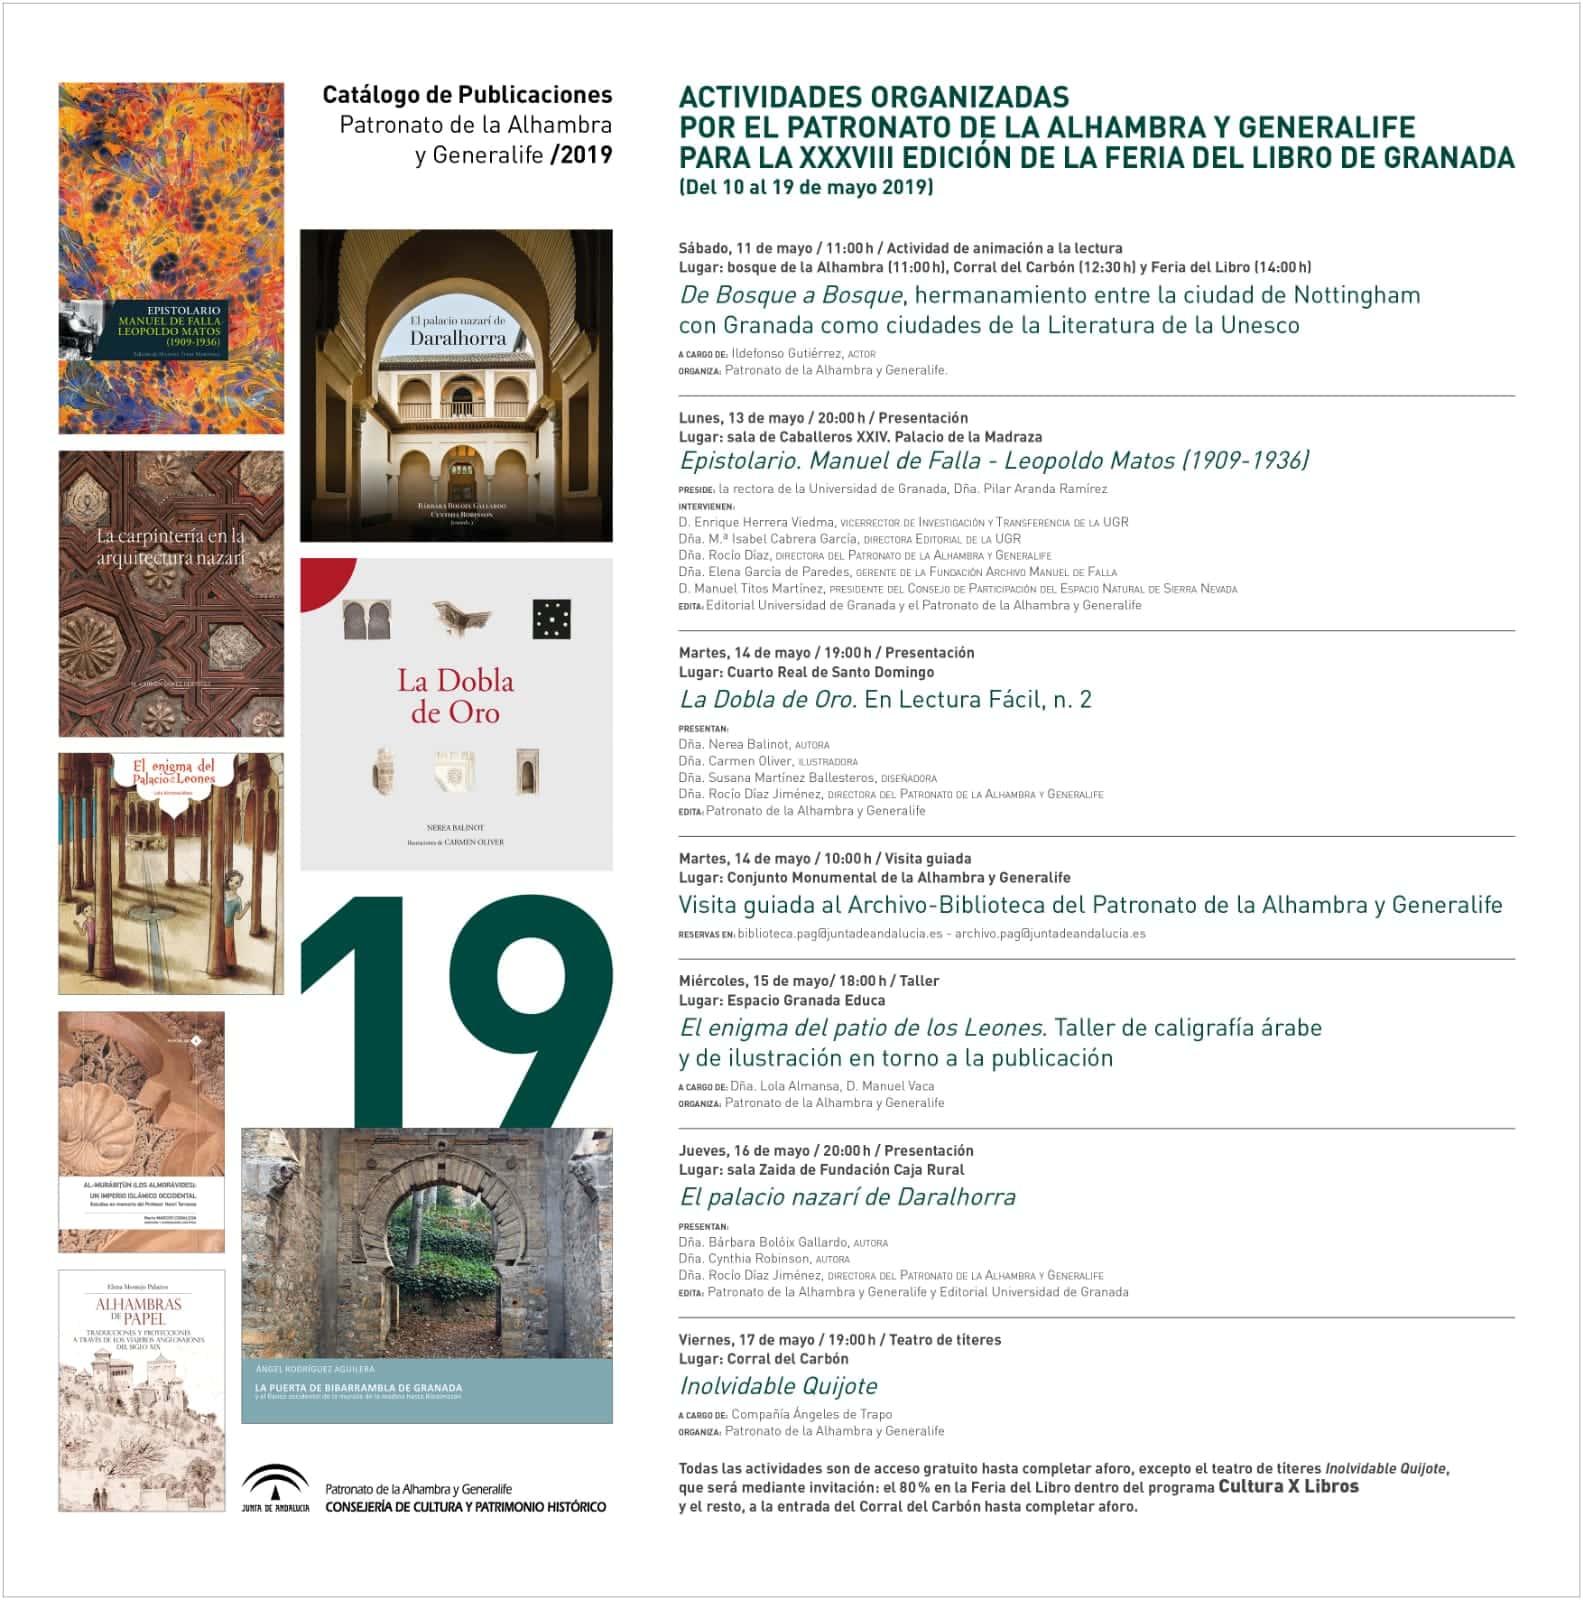 Actividades organizadas por el patronato de la Alhambra y Generalife para la XXVIII edición de la Feria del Libro de Granada